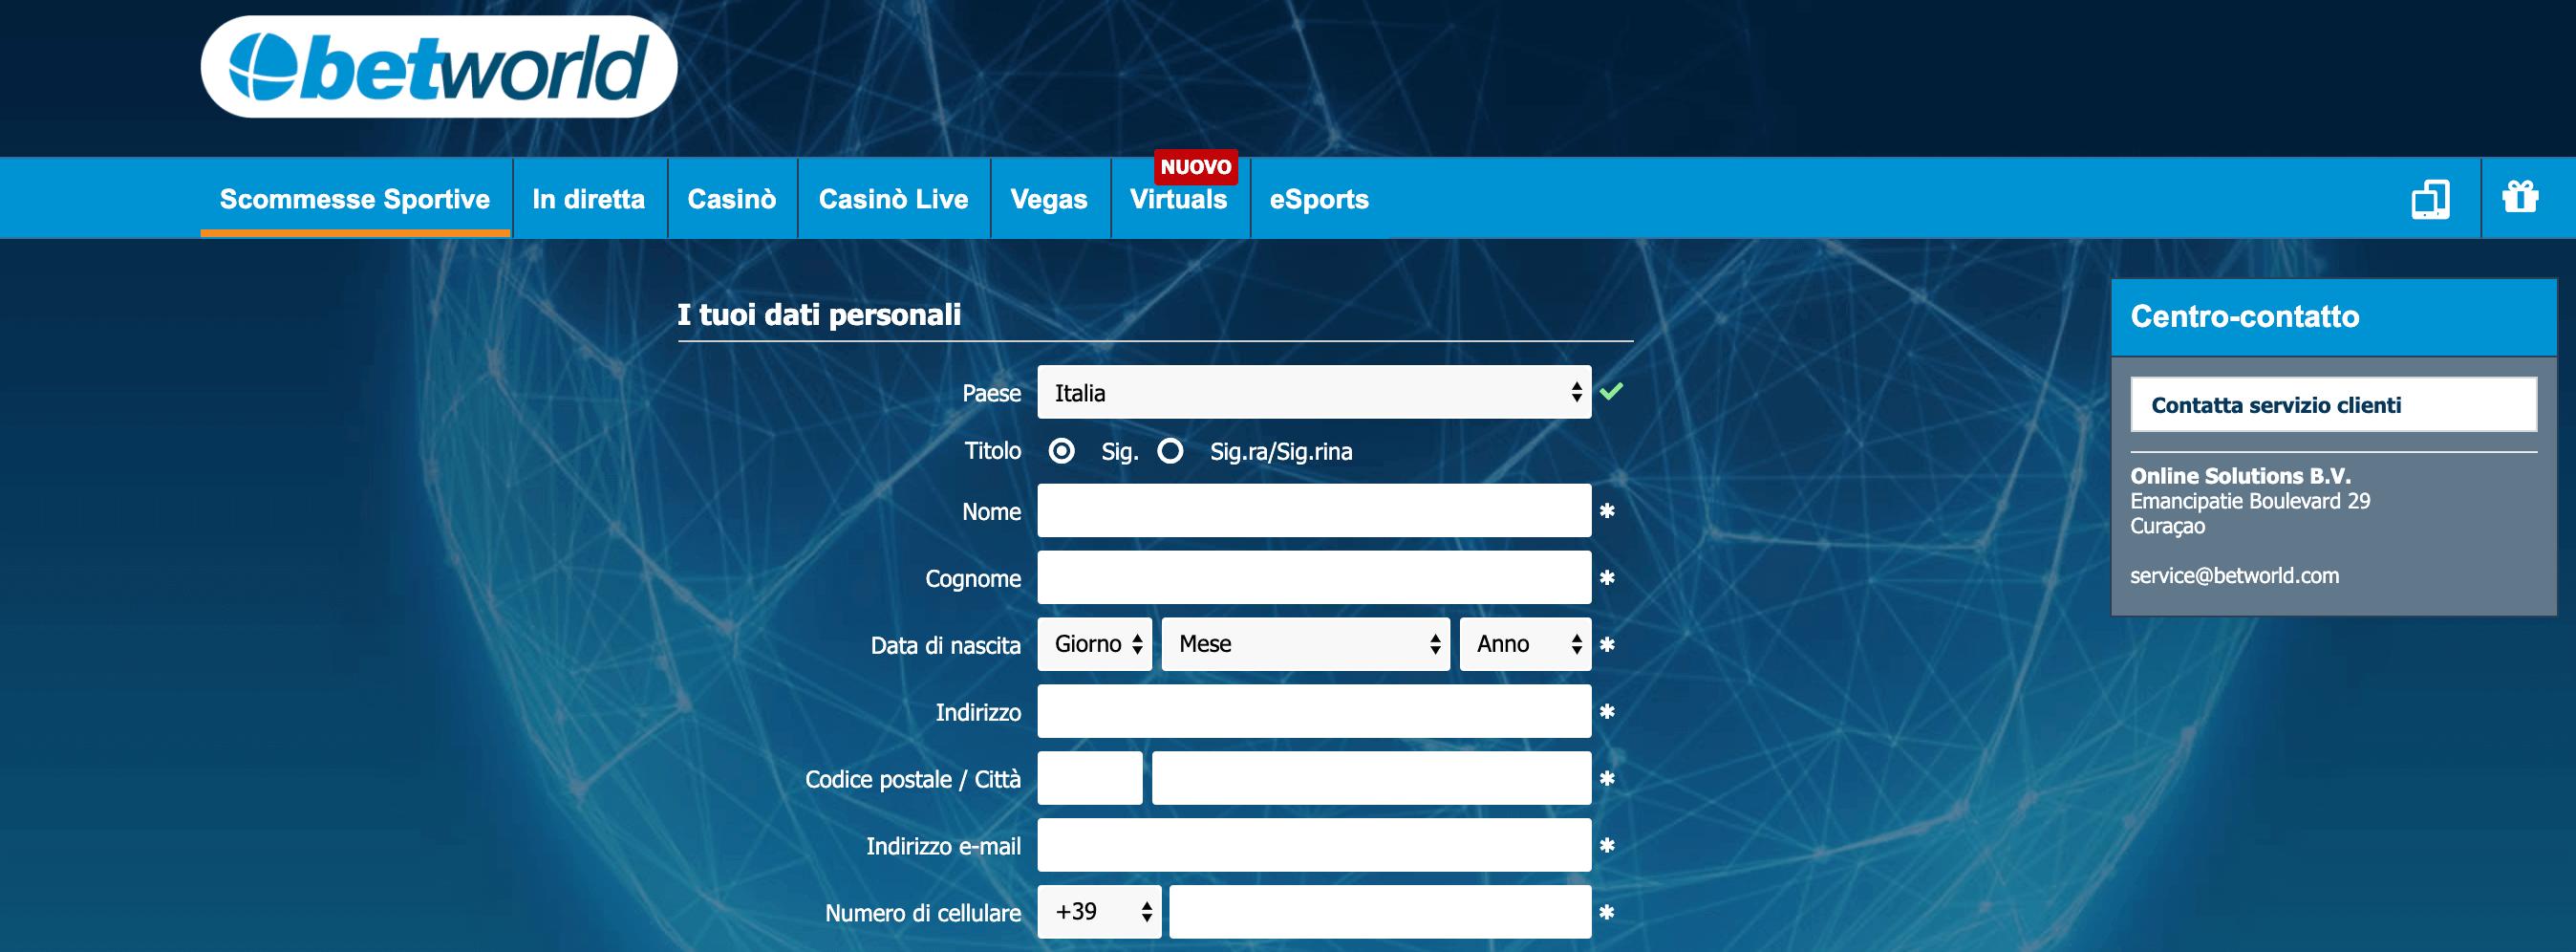 betworld casino registrazione